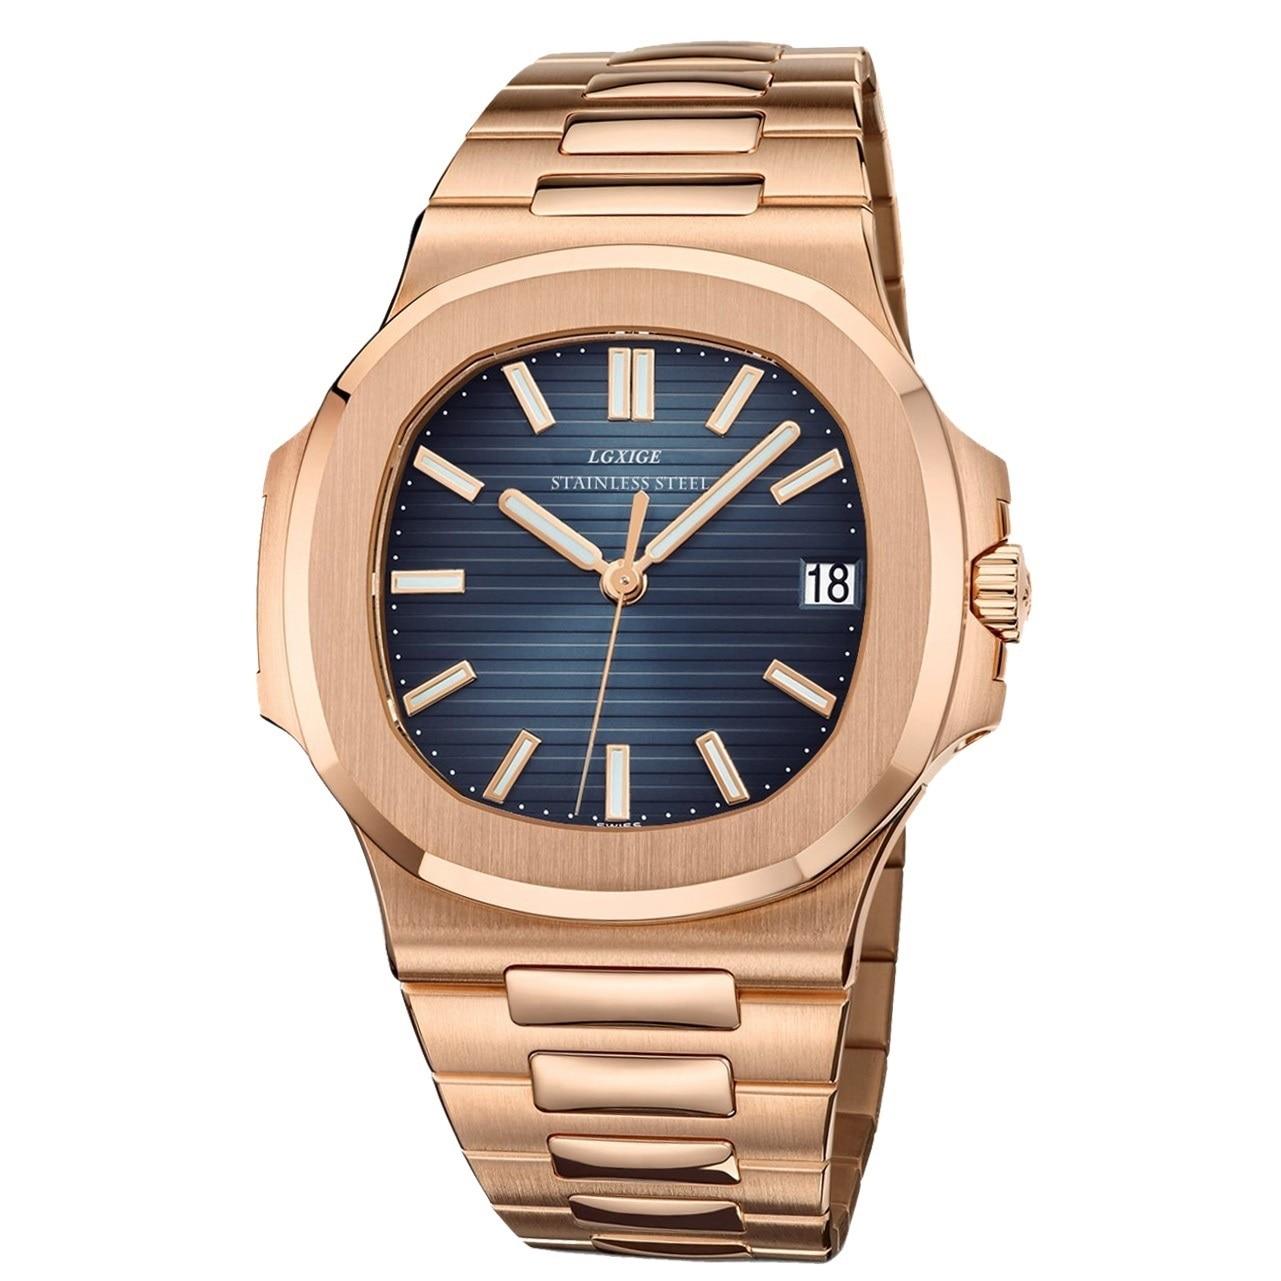 2021New الرجال الساعات العلامة التجارية الفاخرة 2020 الرياضة ساعة رجالي مقاوم للماء نمط جديد أنيق الفولاذ المقاوم للصدأ ساعة اليد دروبشيبينغ